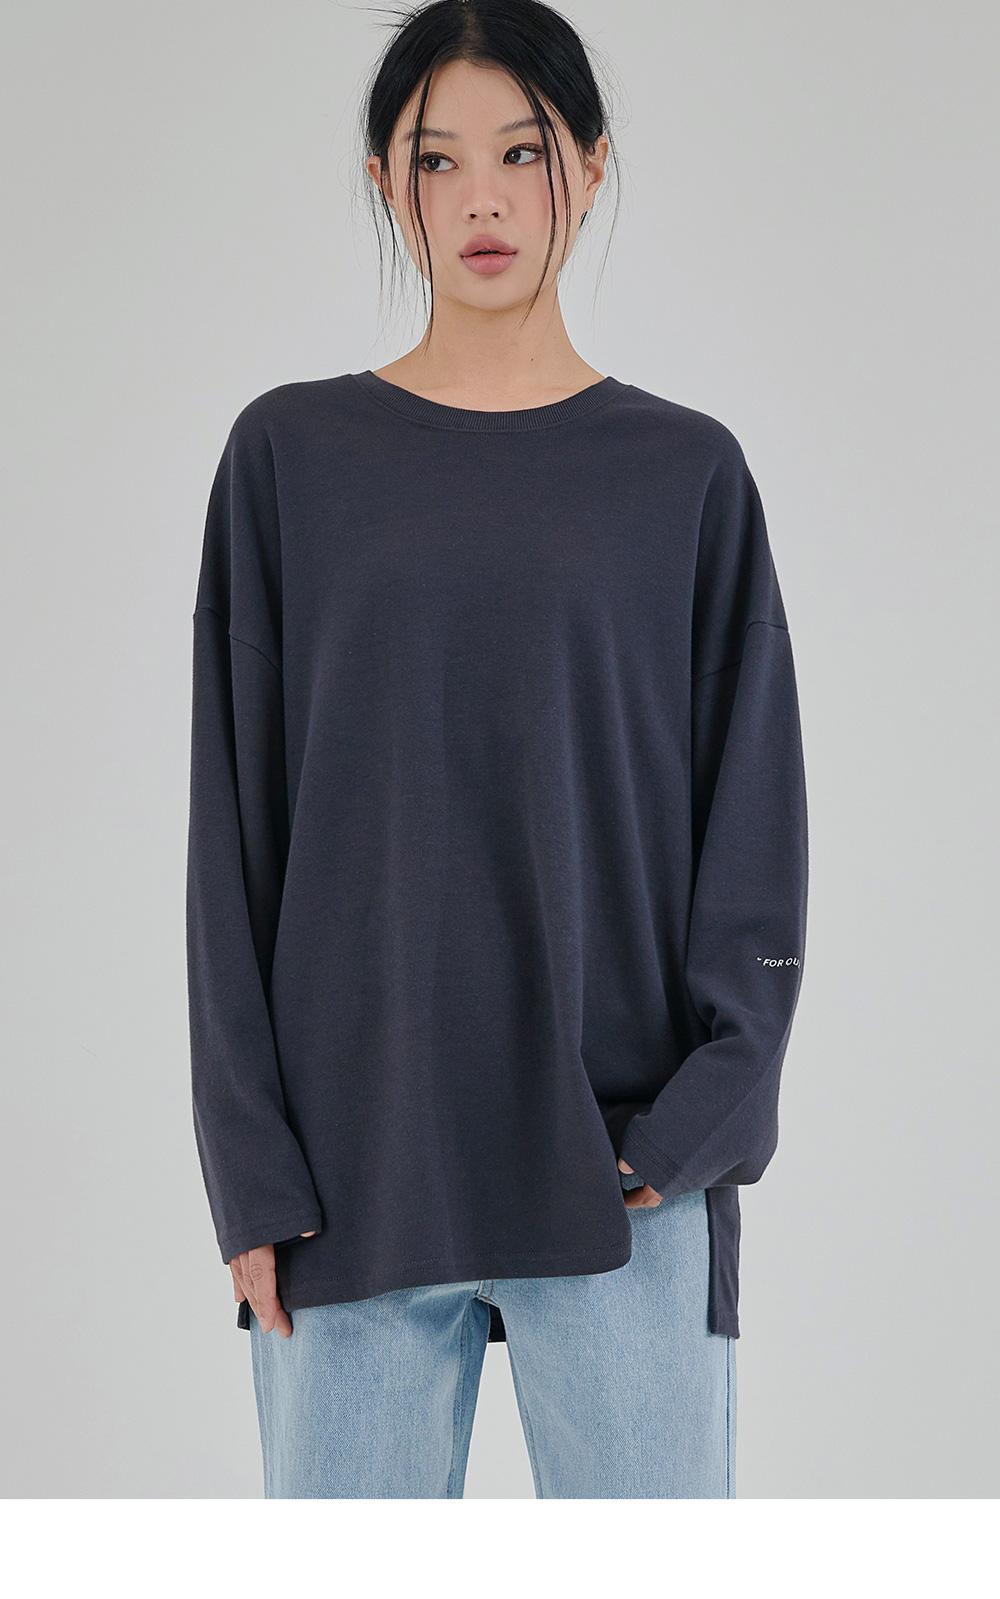 어커버(ACOVER) [세트상품]포인트 오버핏 롱티셔츠